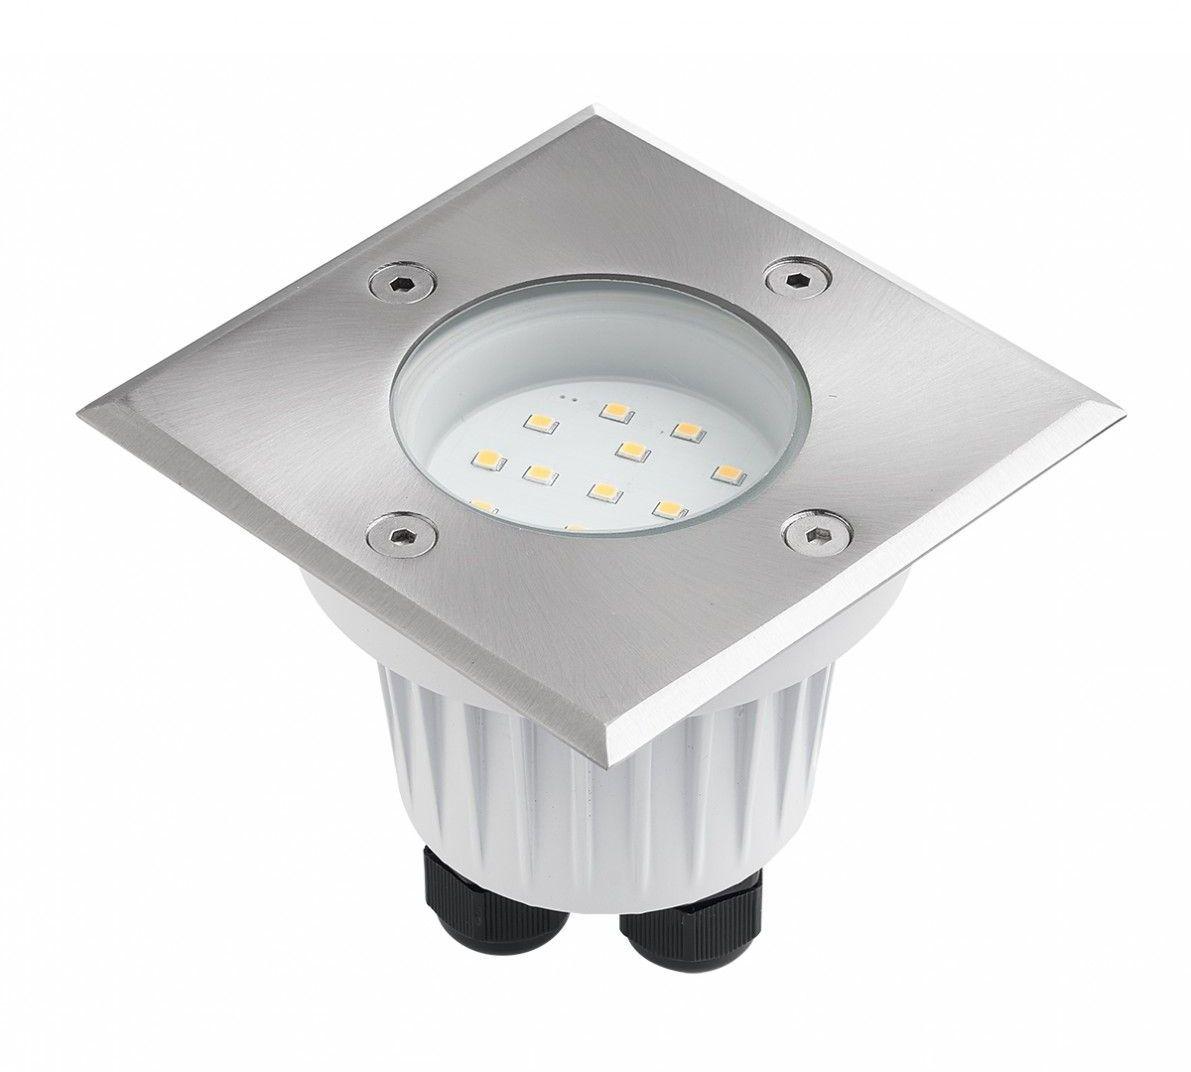 SU-MA Leda ST 5024 B lampa najazdowa LED 1W 3000K IP67 10,8cm